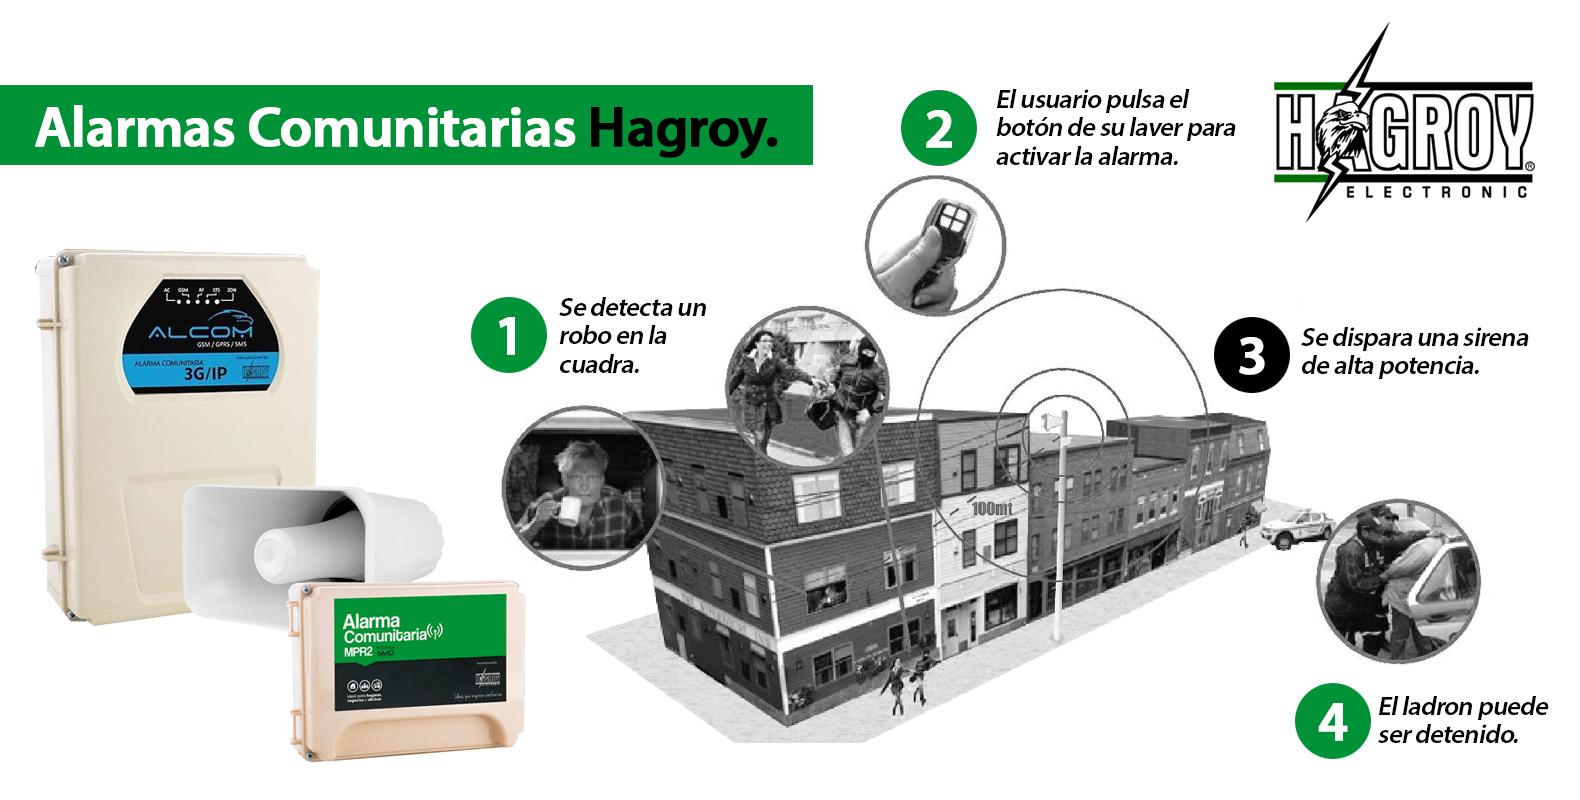 ALARMA COMUNITARIA DE HAGROY: SEGURIDAD PARA TODOS